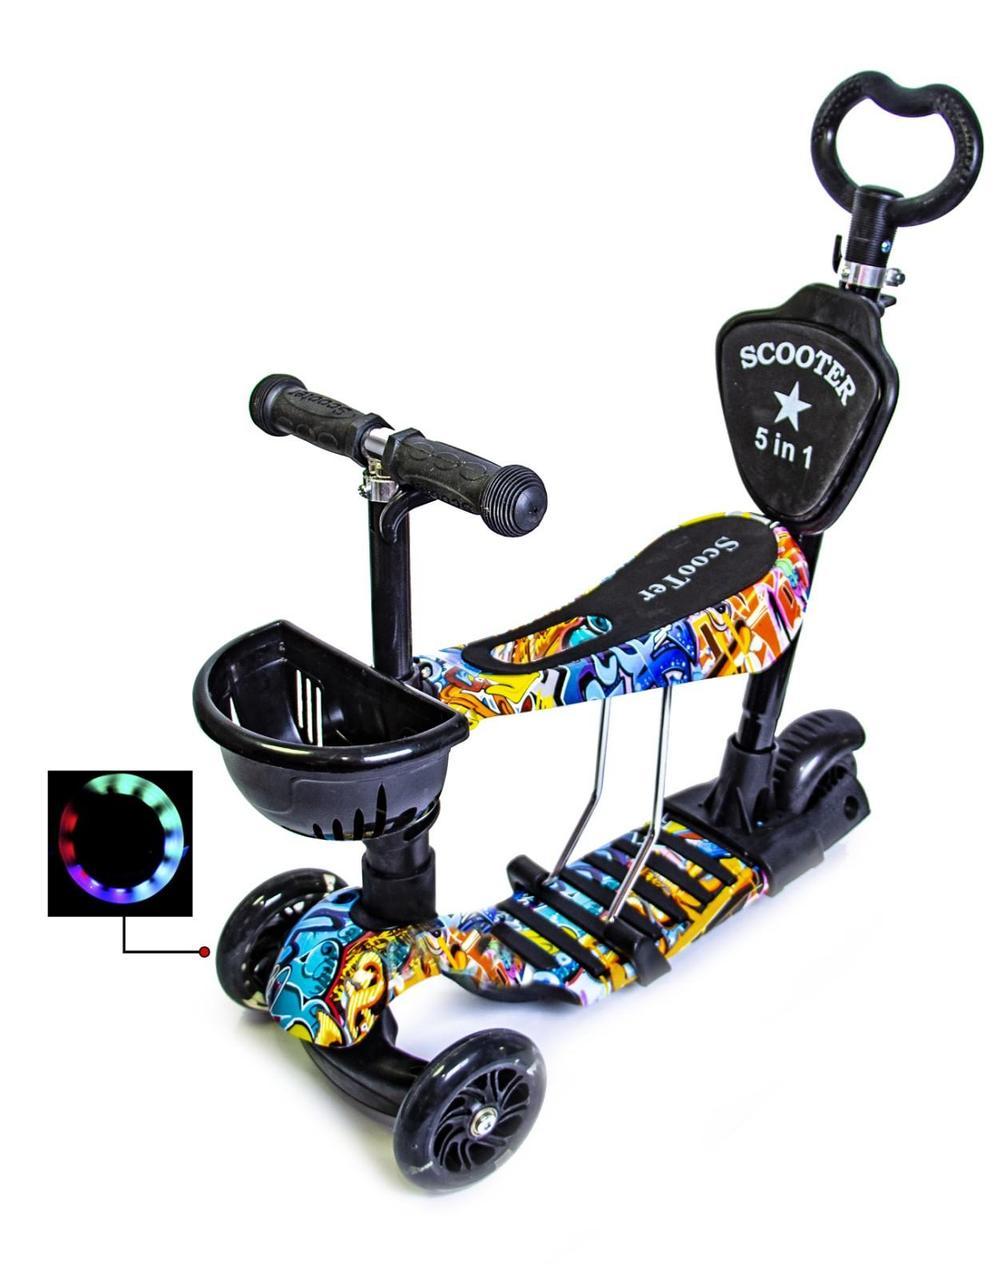 Самокат Scooter Graffiti 5in1 с рисунком Гарантия качества Быстрая доставка